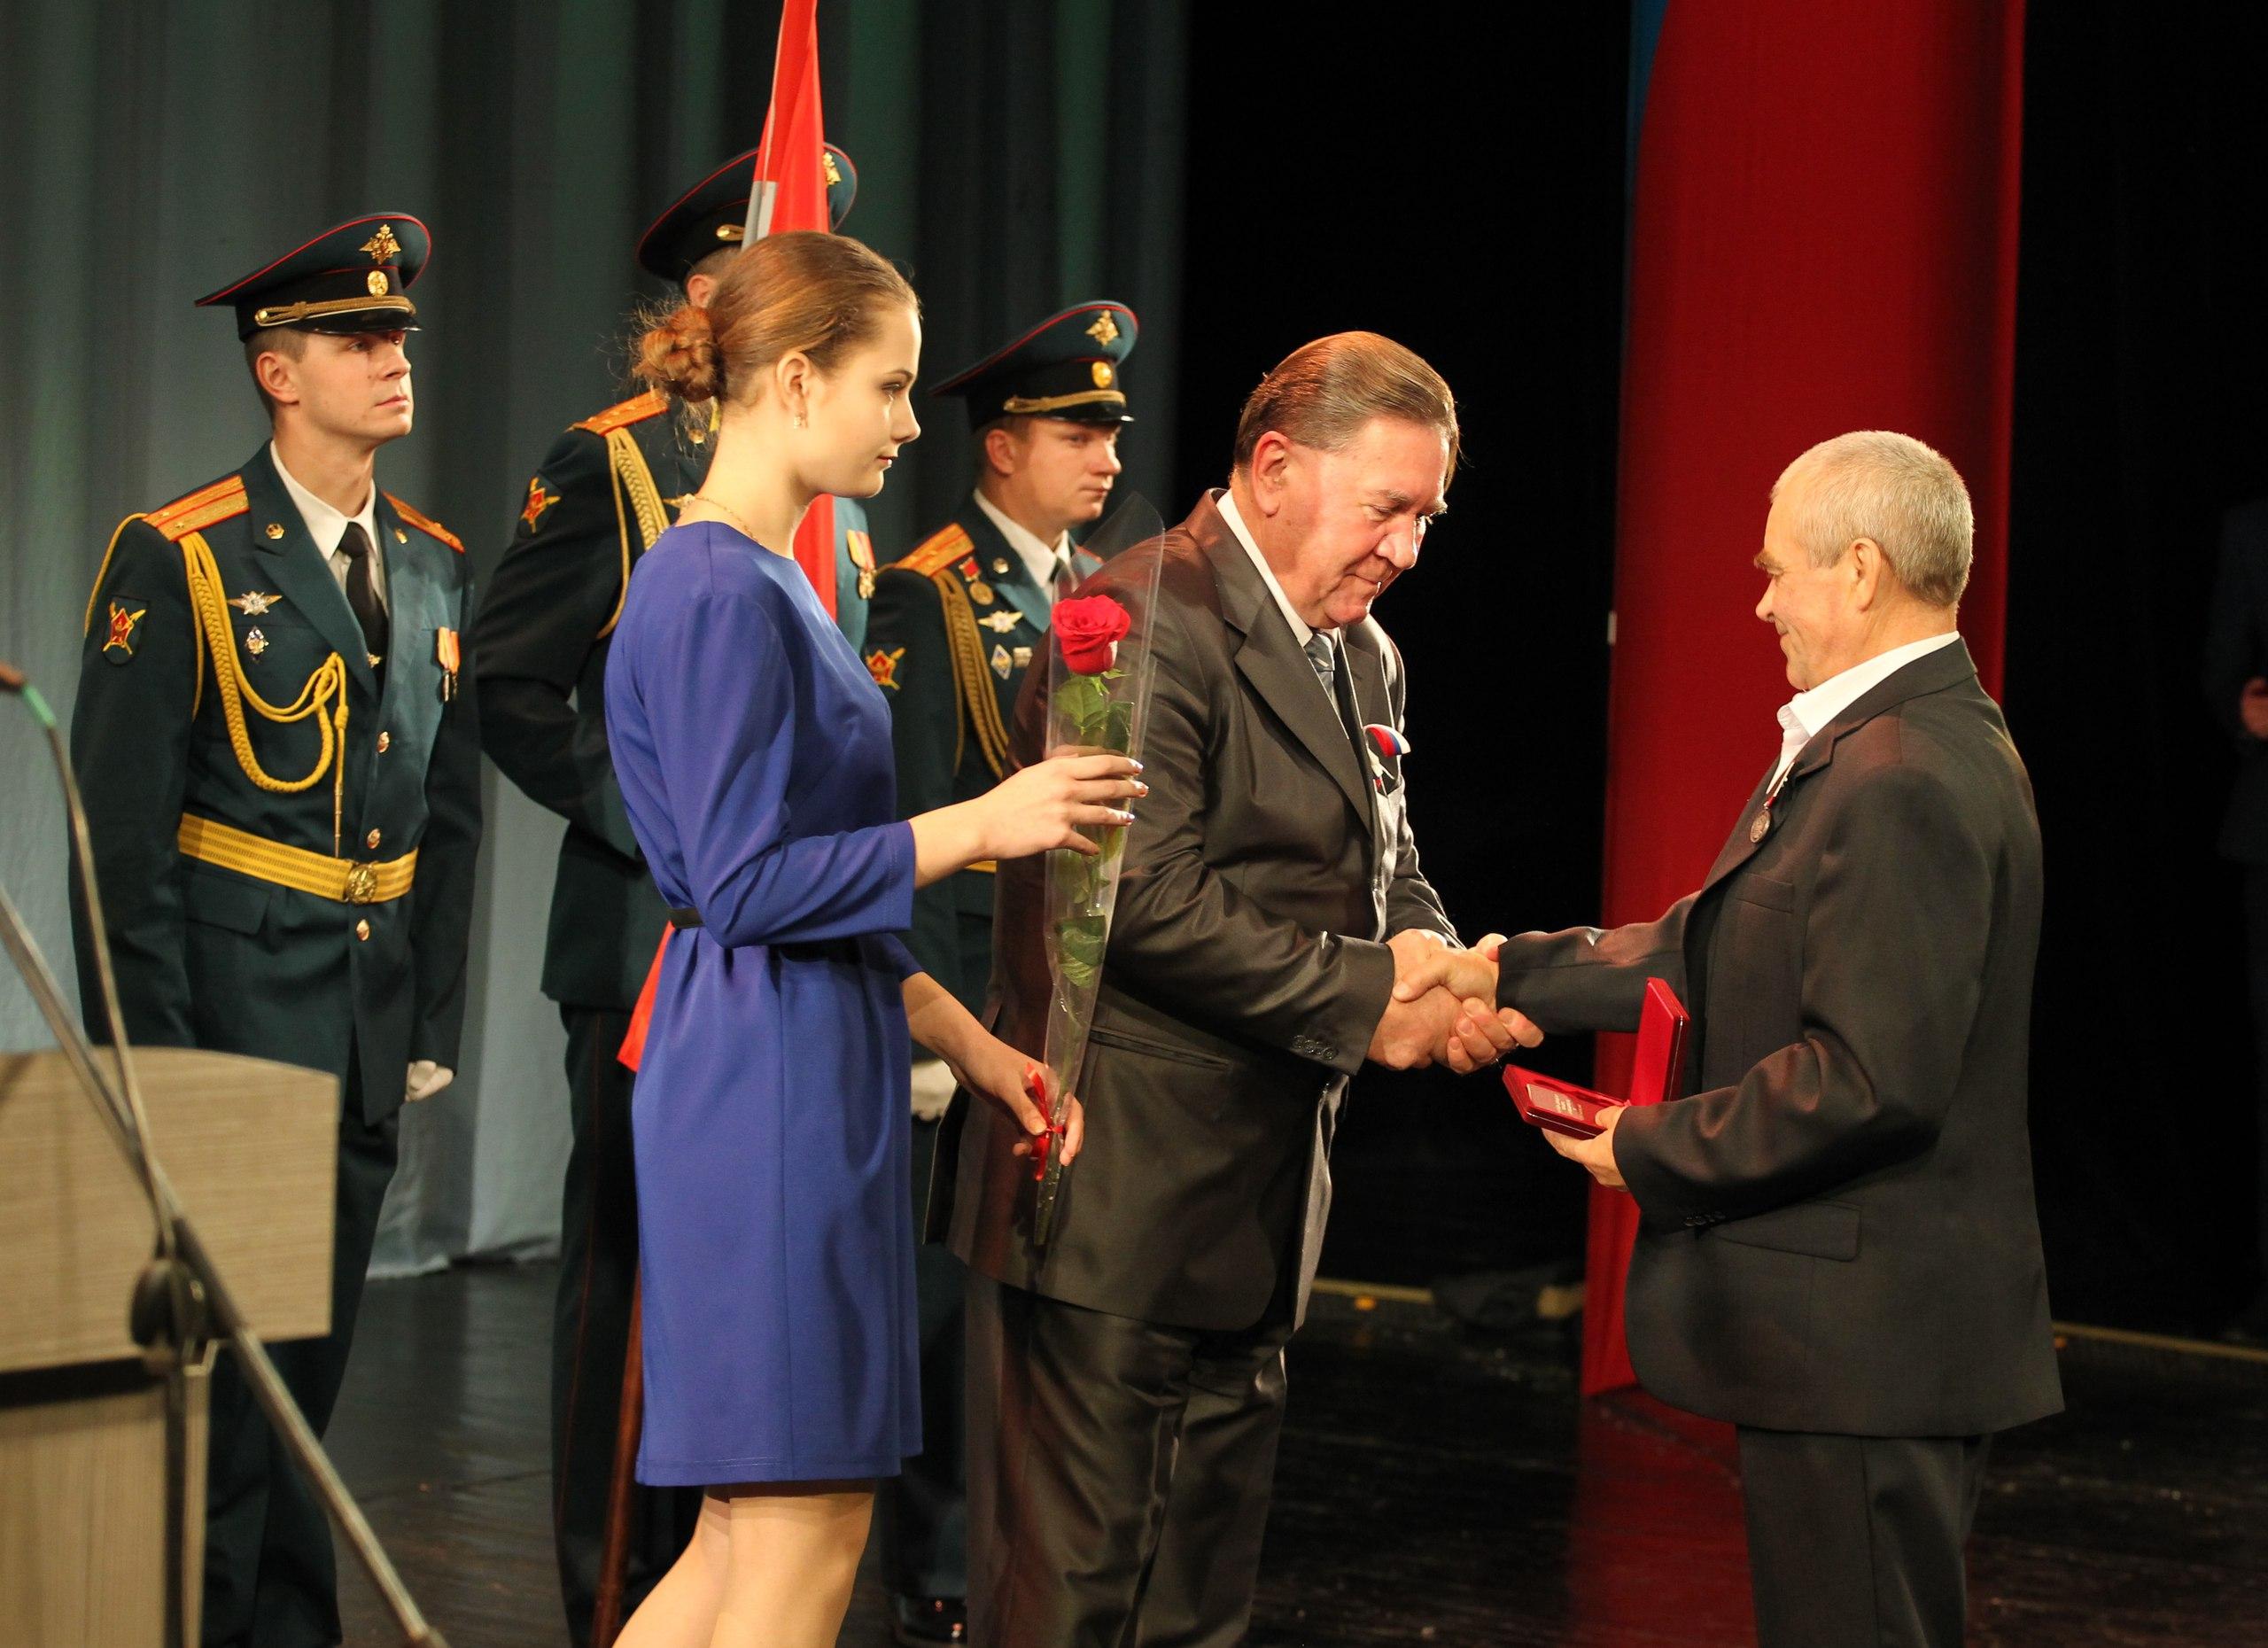 Вологодский член Совета Федерации Юрий Воробьев награжден орденом «Зазаслуги перед Отечеством»